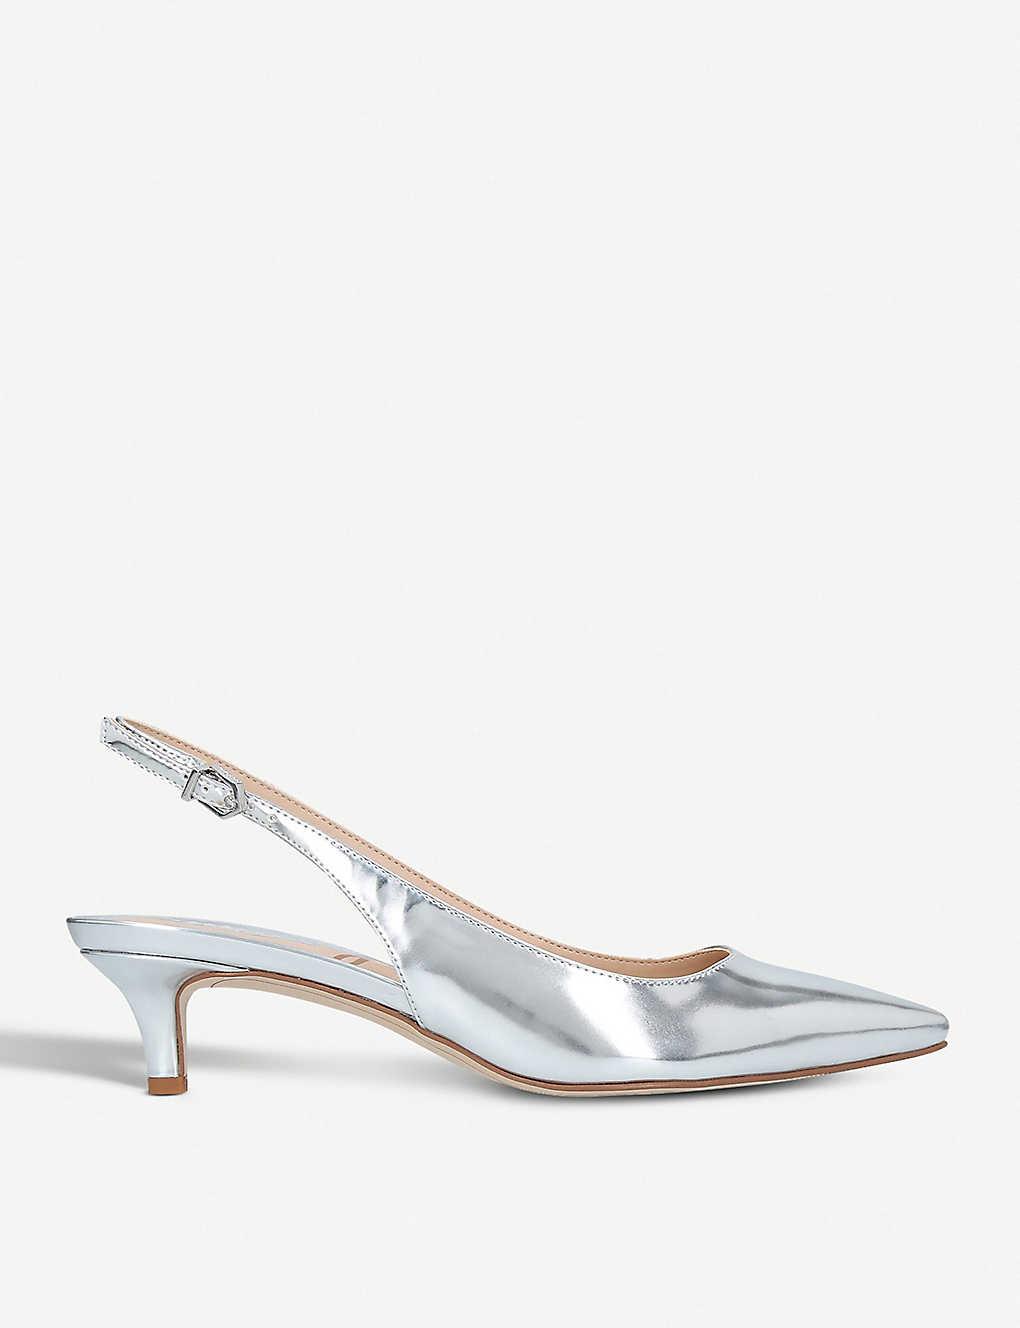 618b6d03086 SAM EDELMAN - Ludlow leather slingback kitten heels